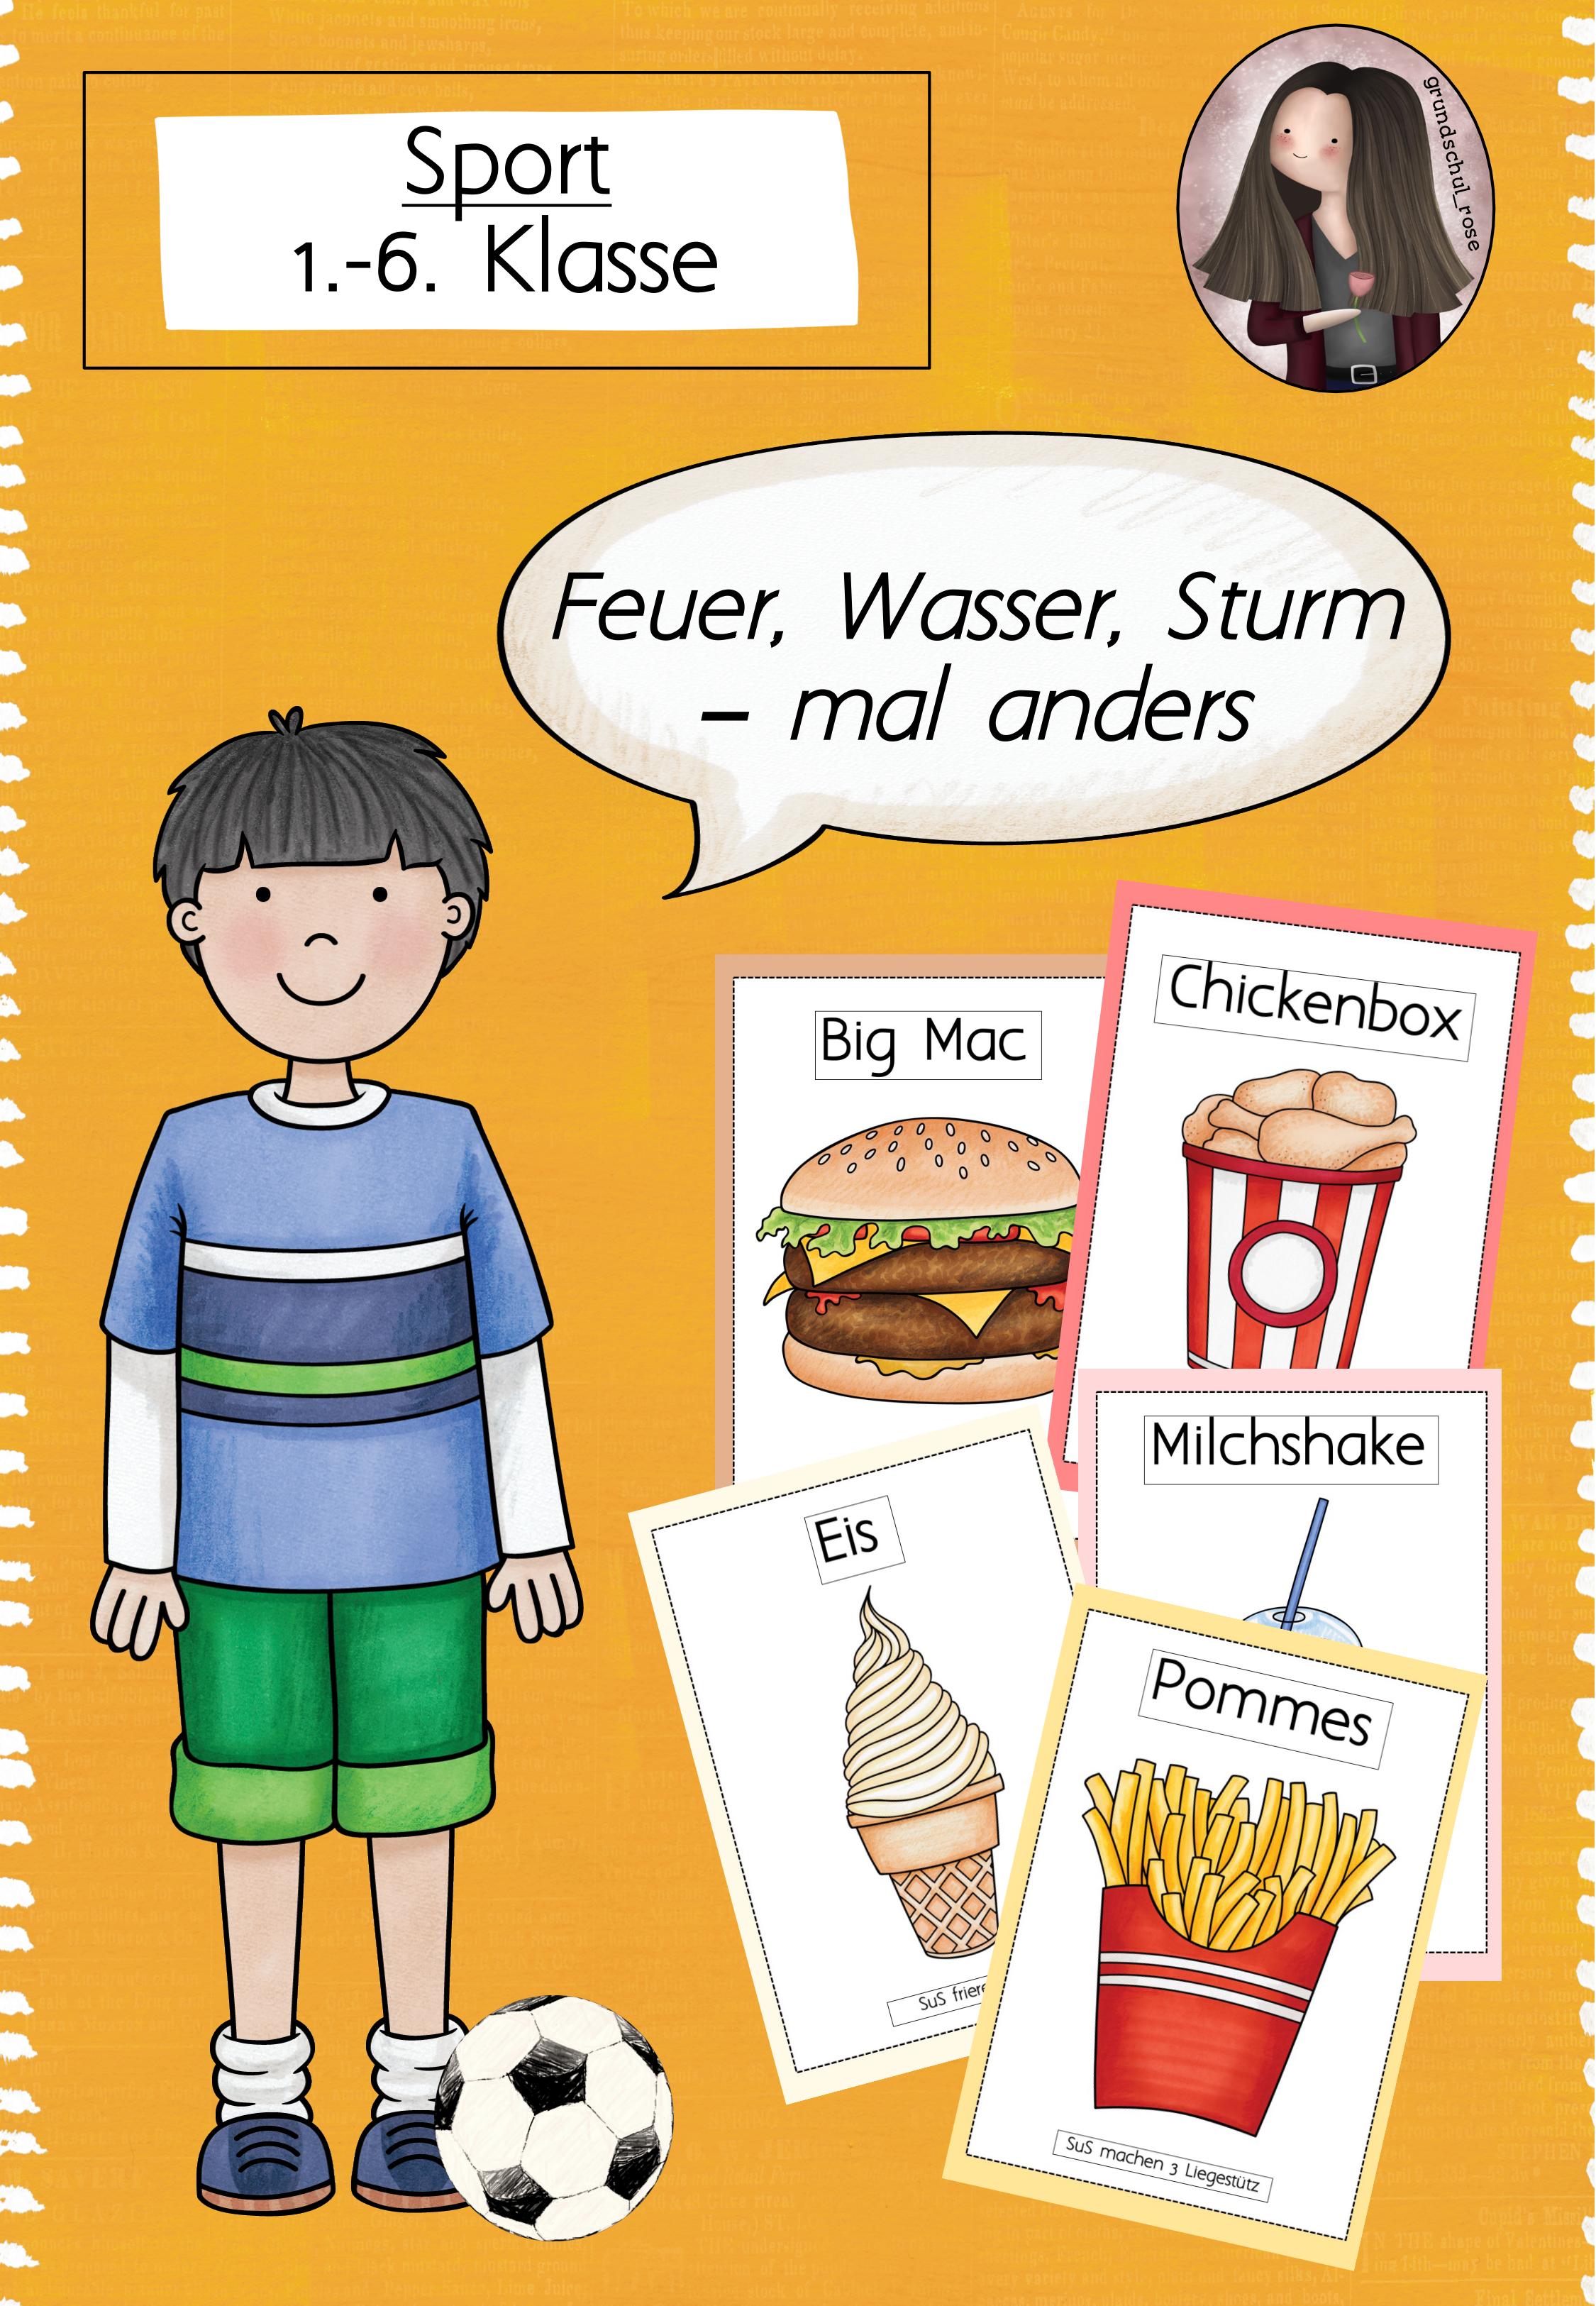 Feuer Wasser Sturm Mal Anders Fast Food Spiel Unterrichtsmaterial In Den Fachern Fachubergreifendes Sport Comics